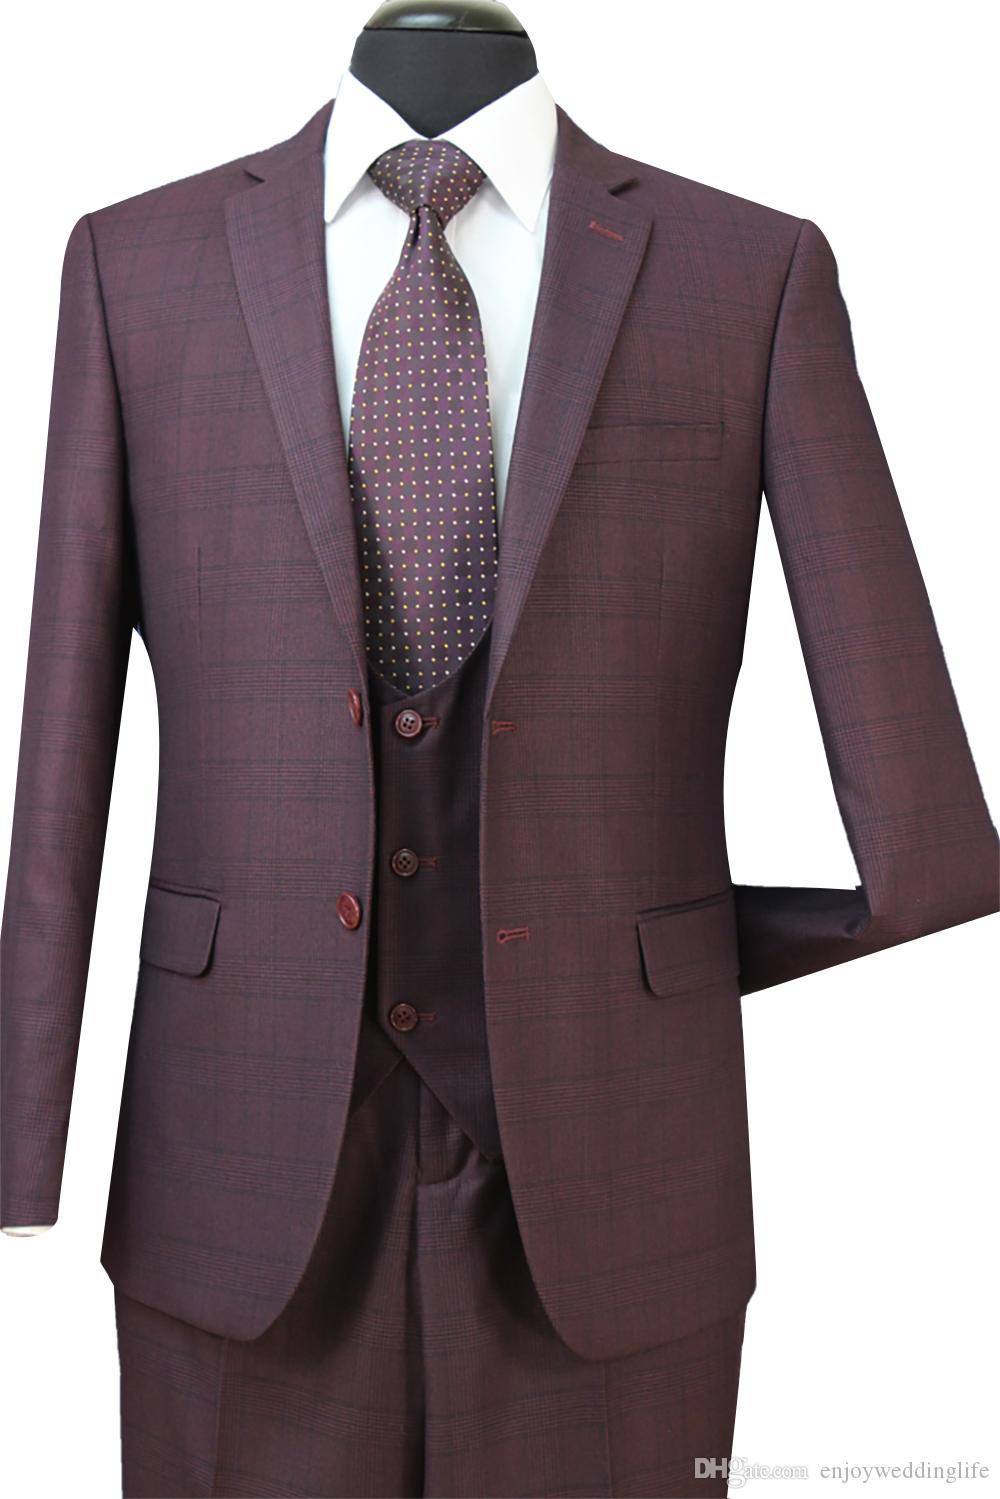 2018 Nouveau 3 PCS Grooms Hommes Smokings Costumes Formels Pour Les Mariages Mince Plaid Meilleur Mens Costumes (Veste + Gilet + Pantalon) ST005